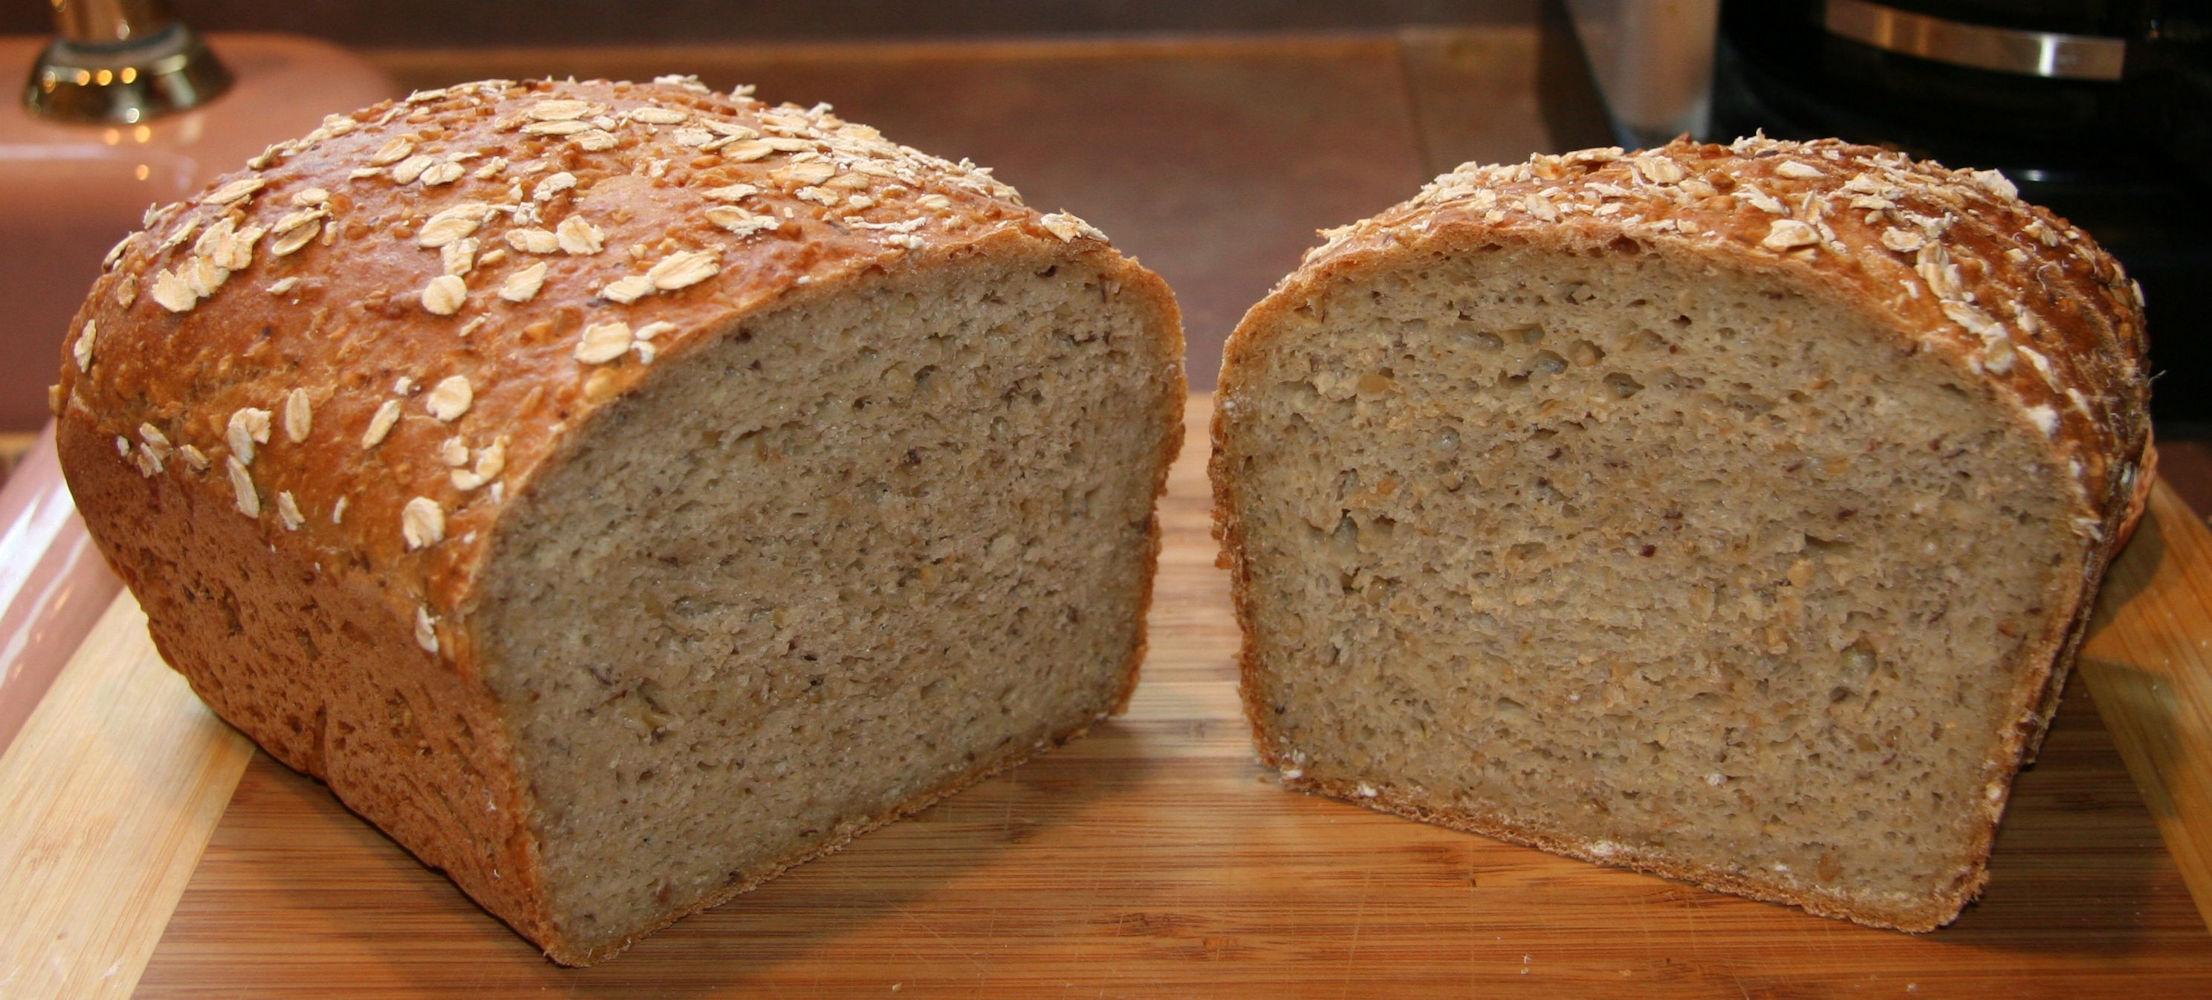 Whole Wheat and Steel-Cut Oats Bread - A Long-Fermentation Bread